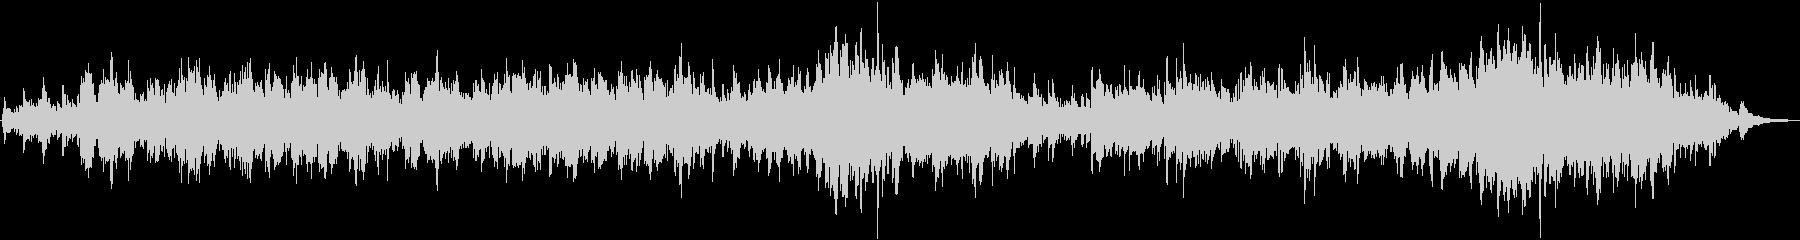 二胡の生演奏による穏やかでゆったりした曲の未再生の波形